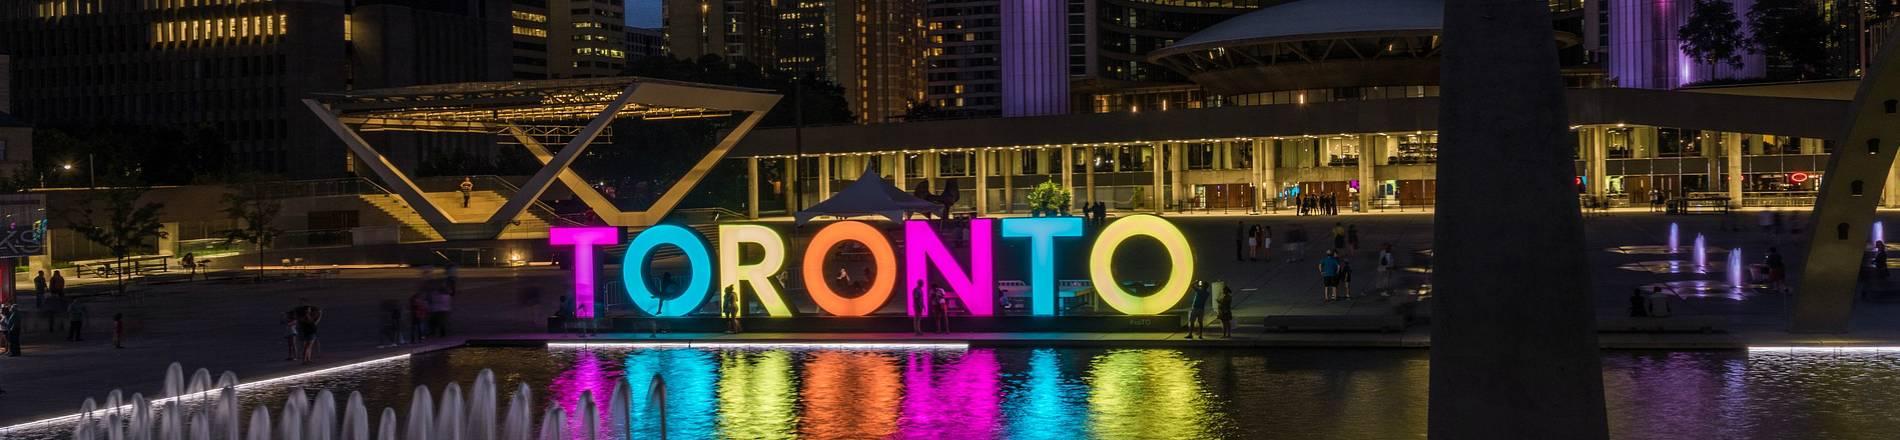 web stranica za upoznavanje u Torontu